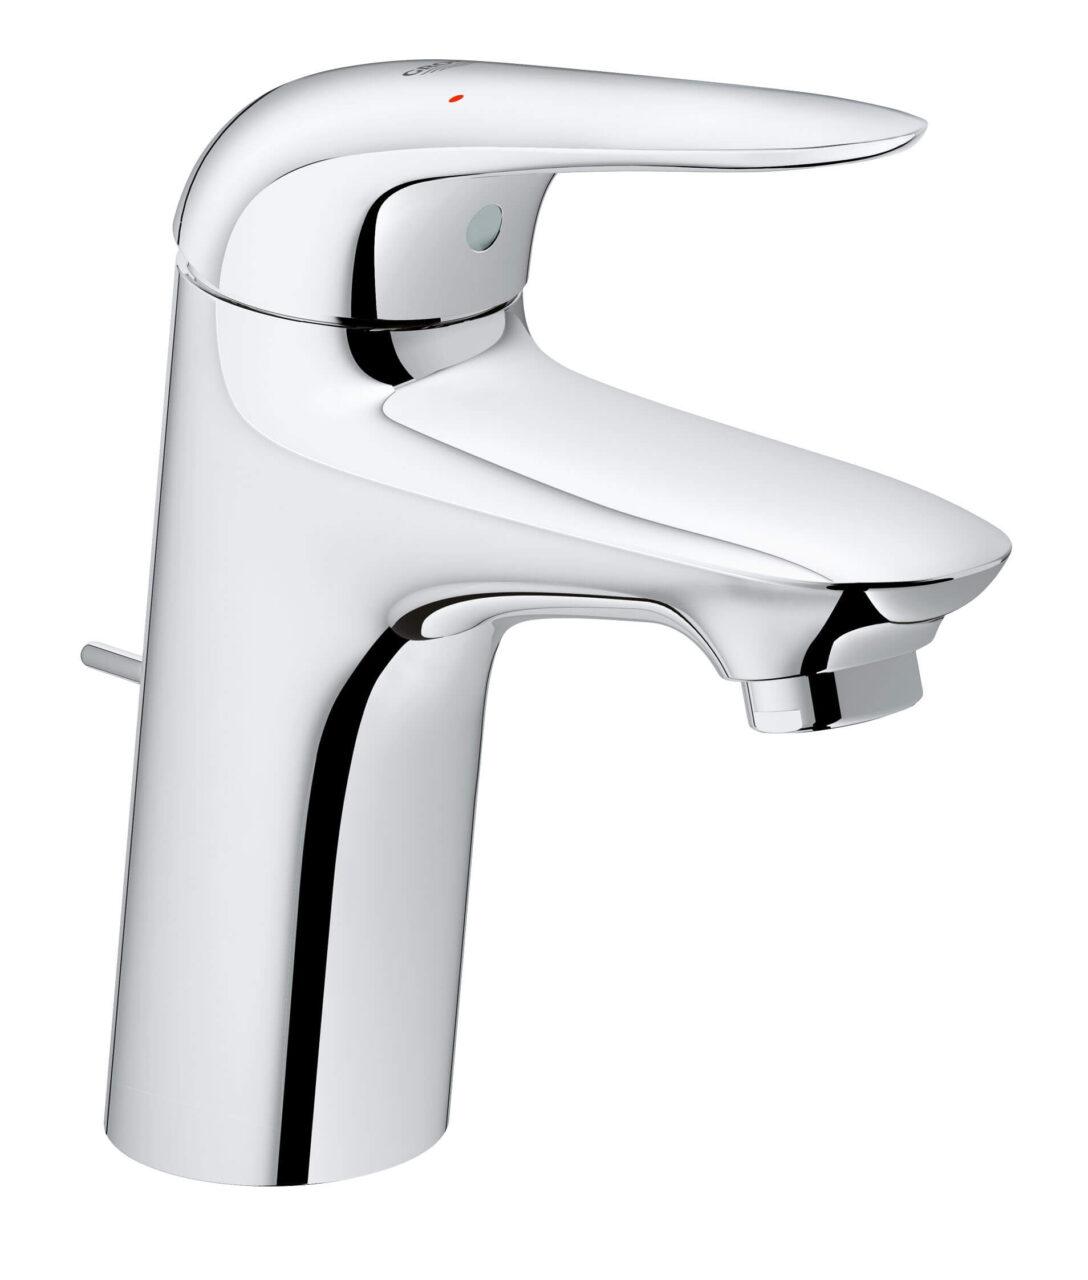 Large Size of Grohe Waschtischarmatur New Wave M Wasserhahn Fr Bad Küche Thermostat Dusche Für Wandanschluss Wohnzimmer Grohe Wasserhahn